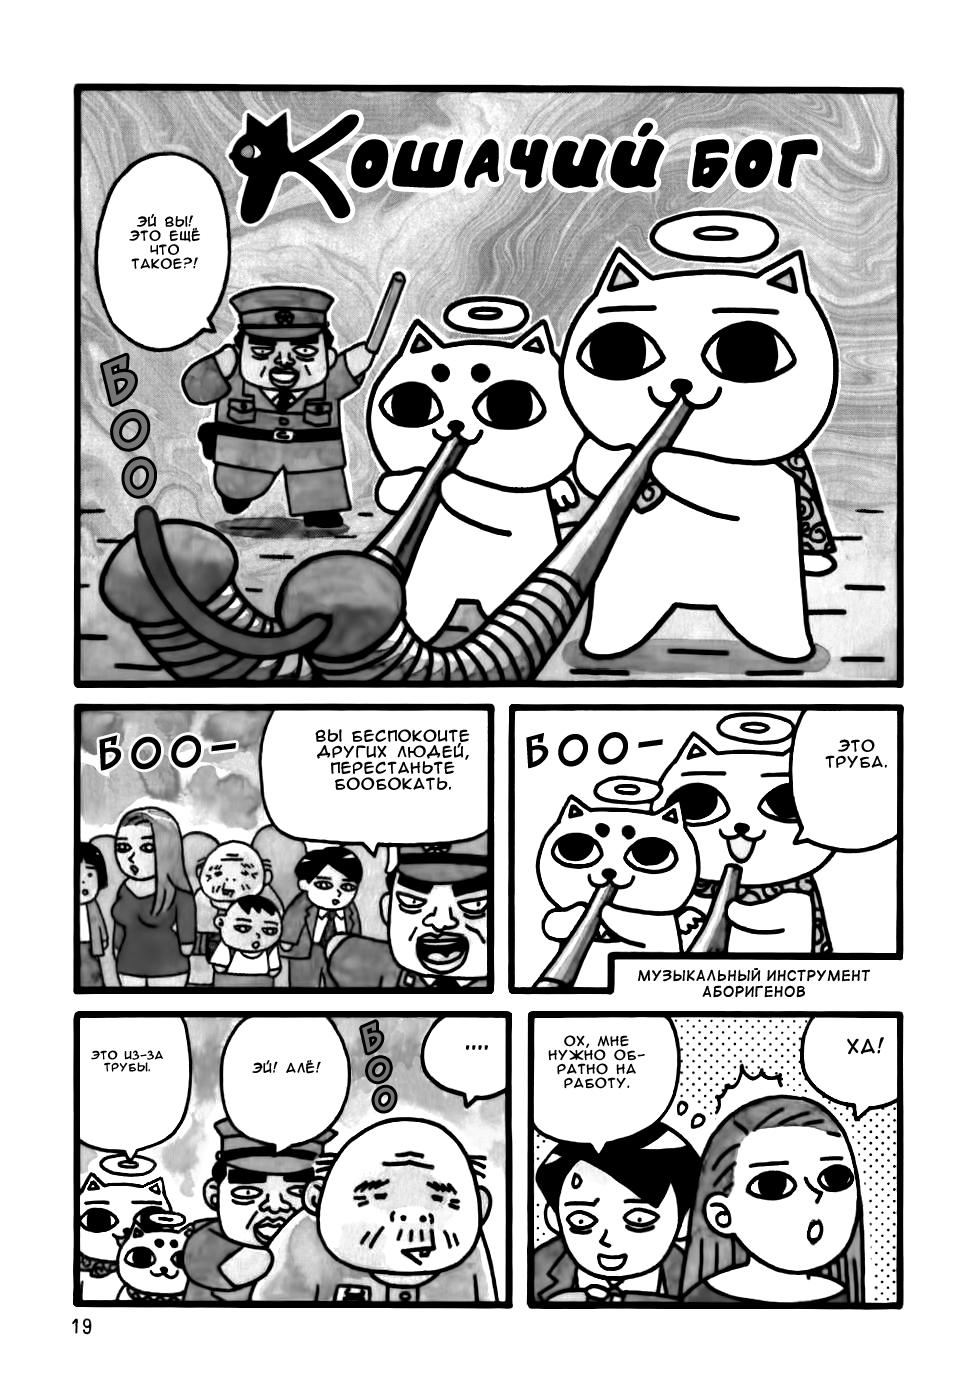 https://r1.ninemanga.com/comics/pic2/43/34923/654111/1538725874867.png Page 3